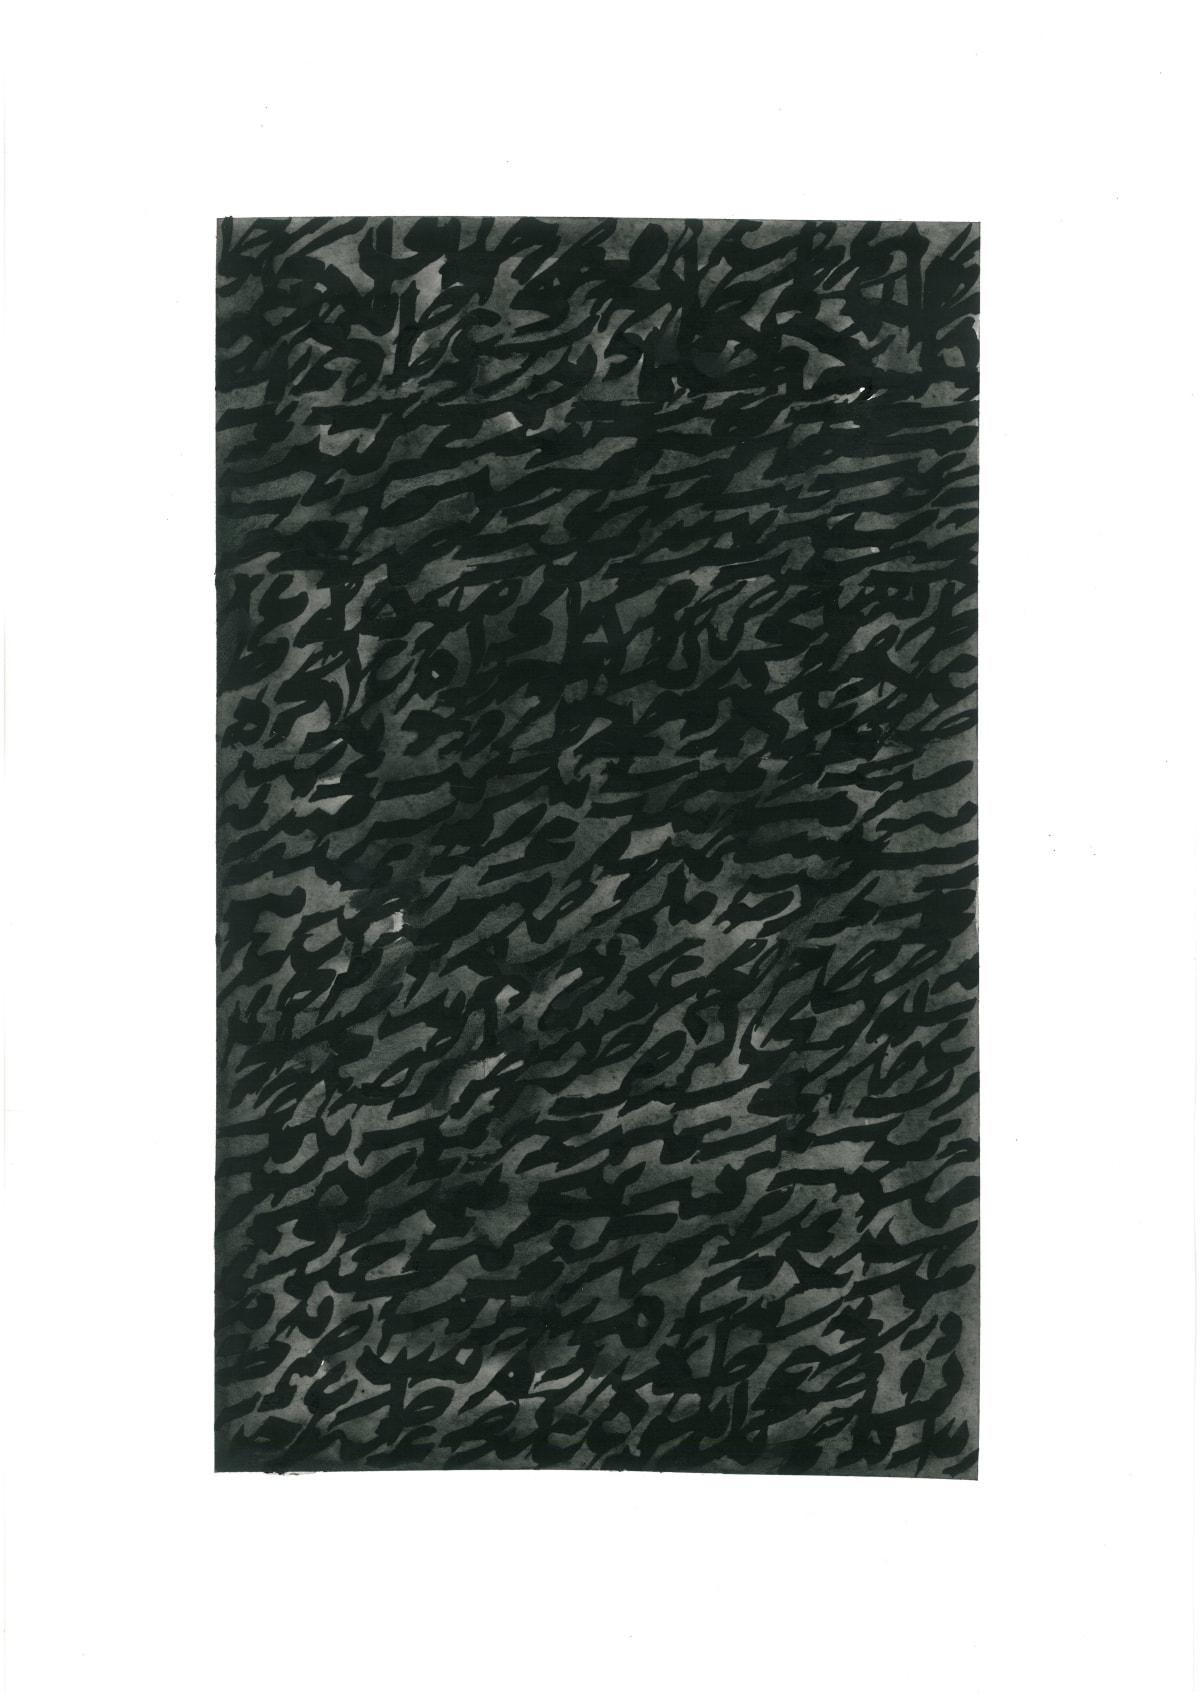 Mohammad Ali Talpur b. 1976Untitled (10), 2020 Ink on paper 42 x 29 cm 16 1/2 x 11 7/16 in